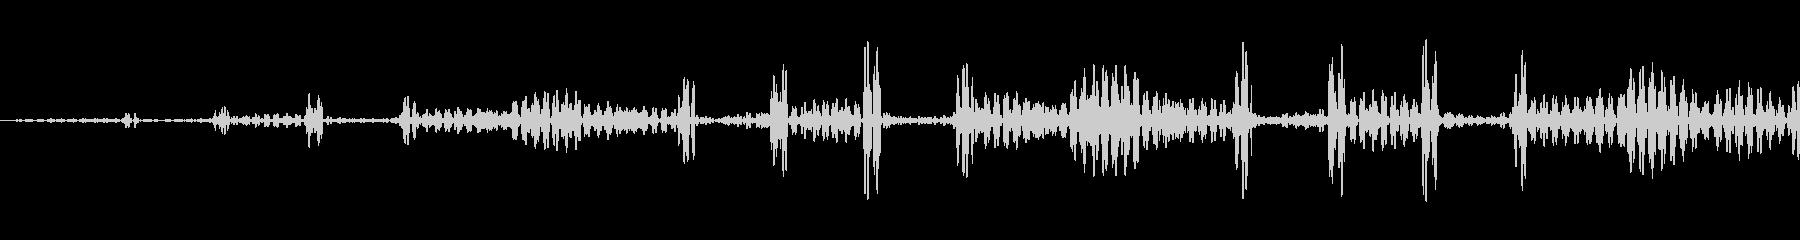 パルスイントロファーストアウトの未再生の波形